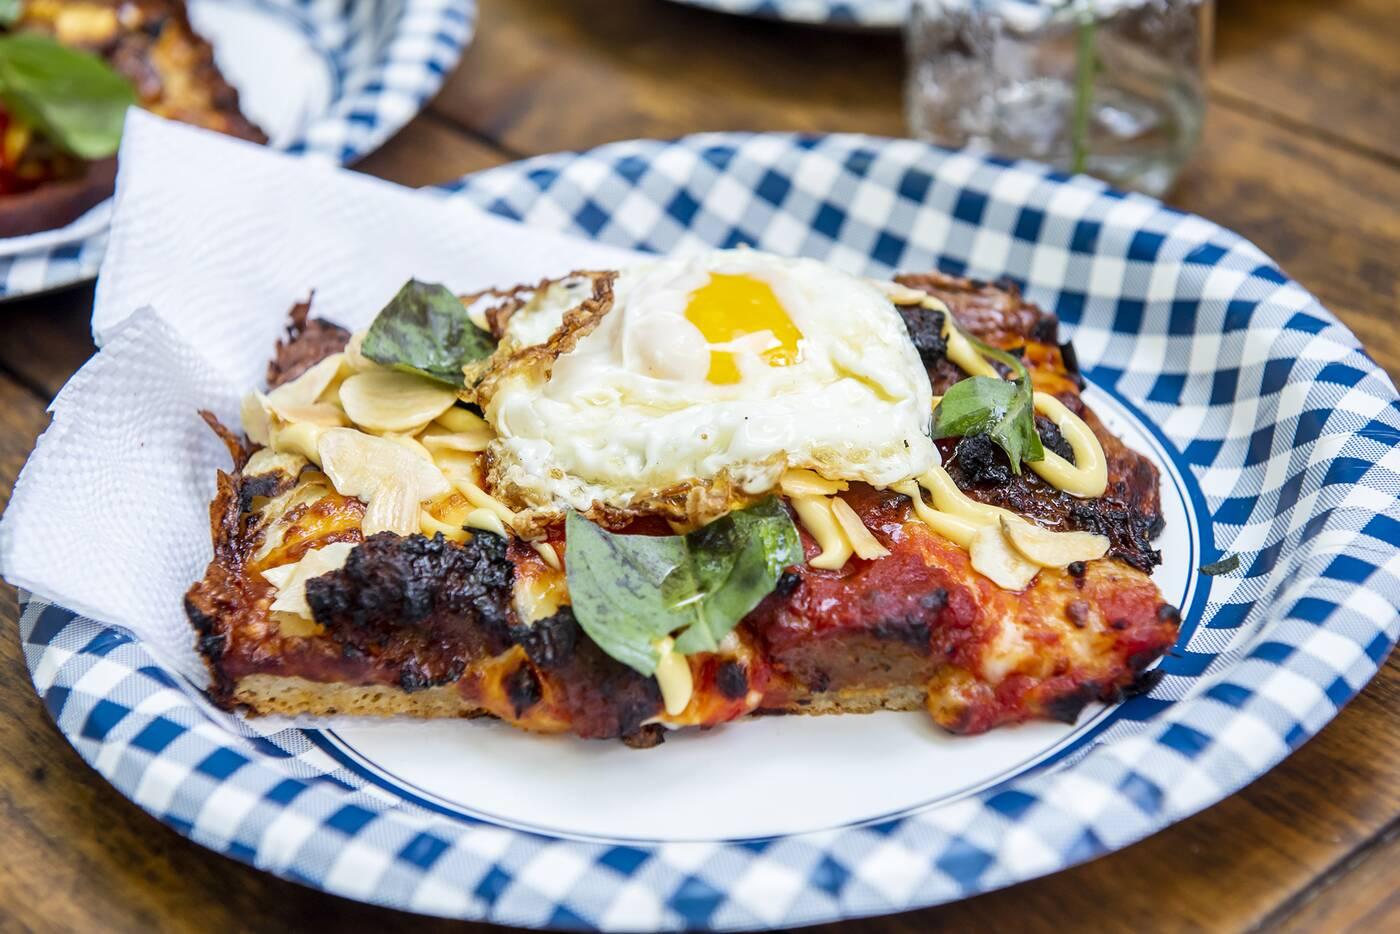 detroit style pizza toronto